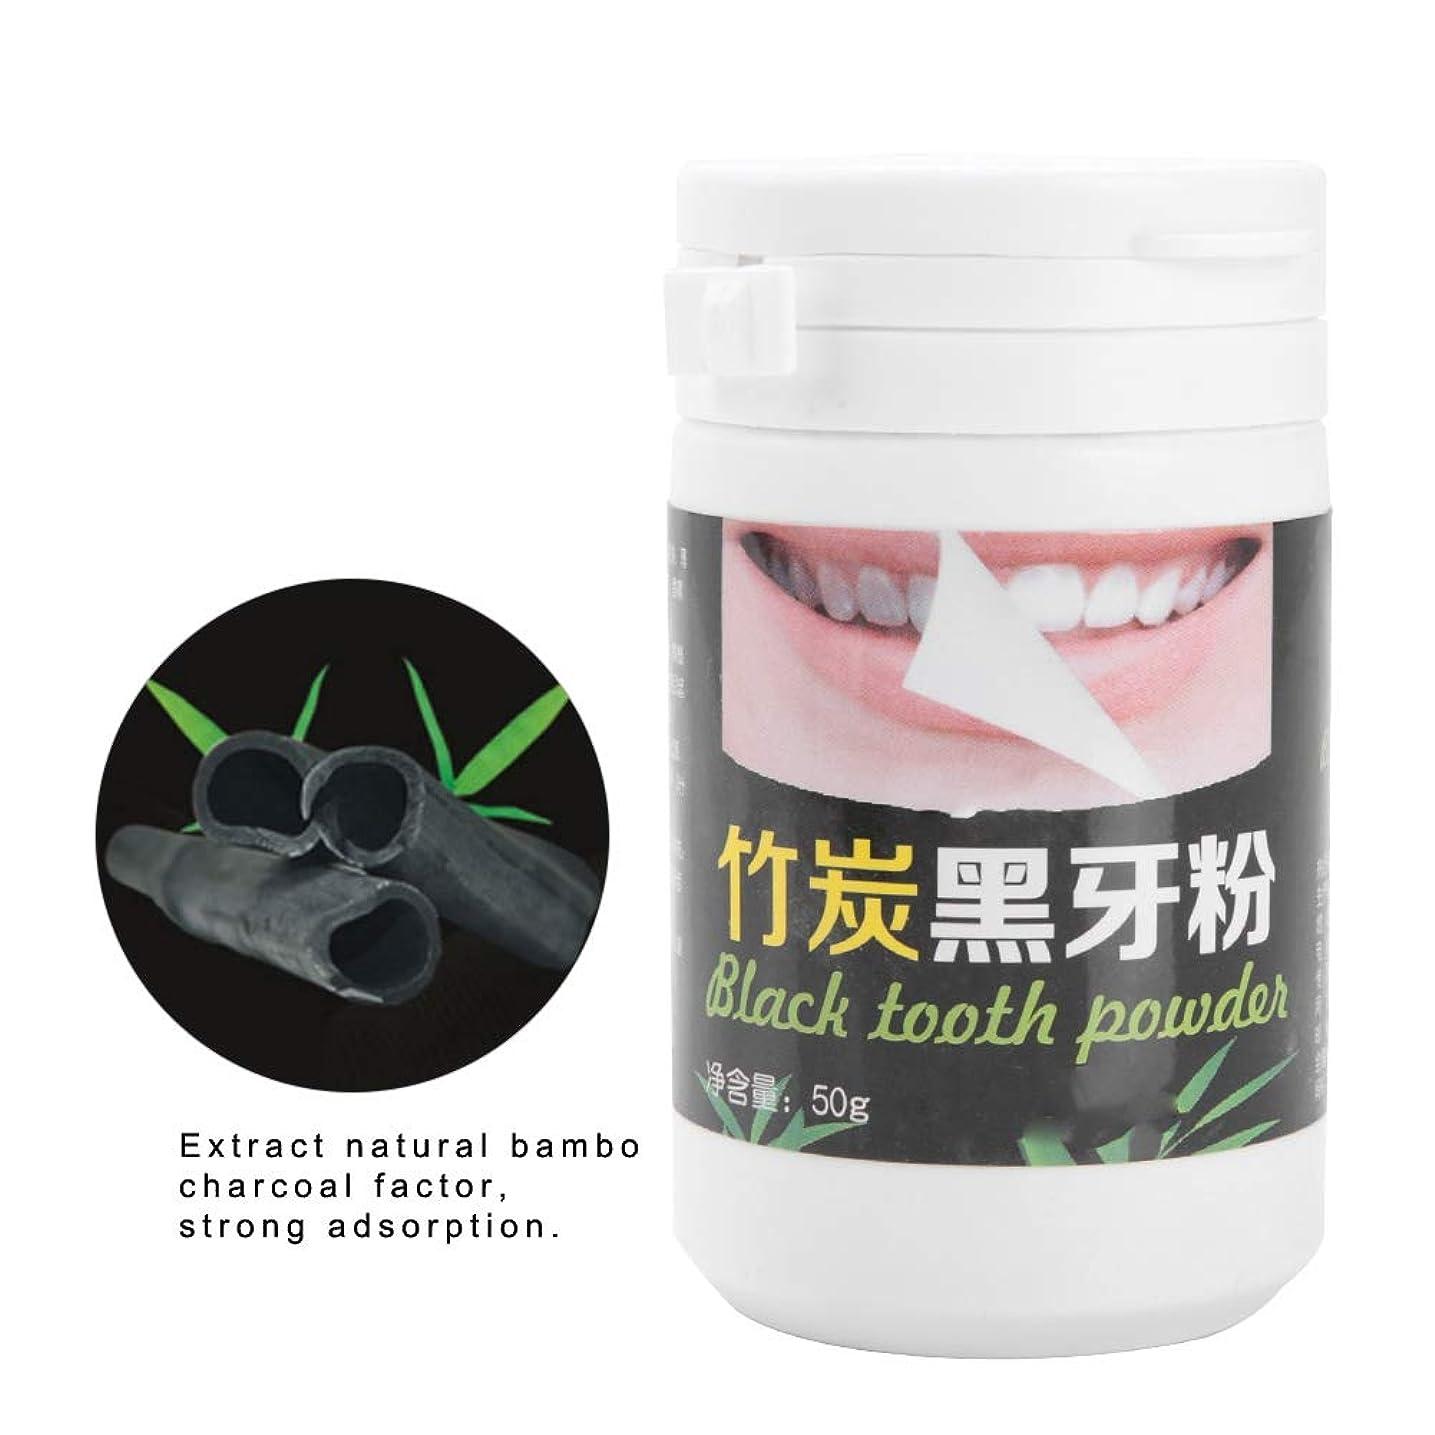 委任する枢機卿圧倒する歯の手入れをする有効な汚れの除去剤 - 汚れの除去剤の粉を白くする口腔歯の心配の自然な活動化させた木炭粉